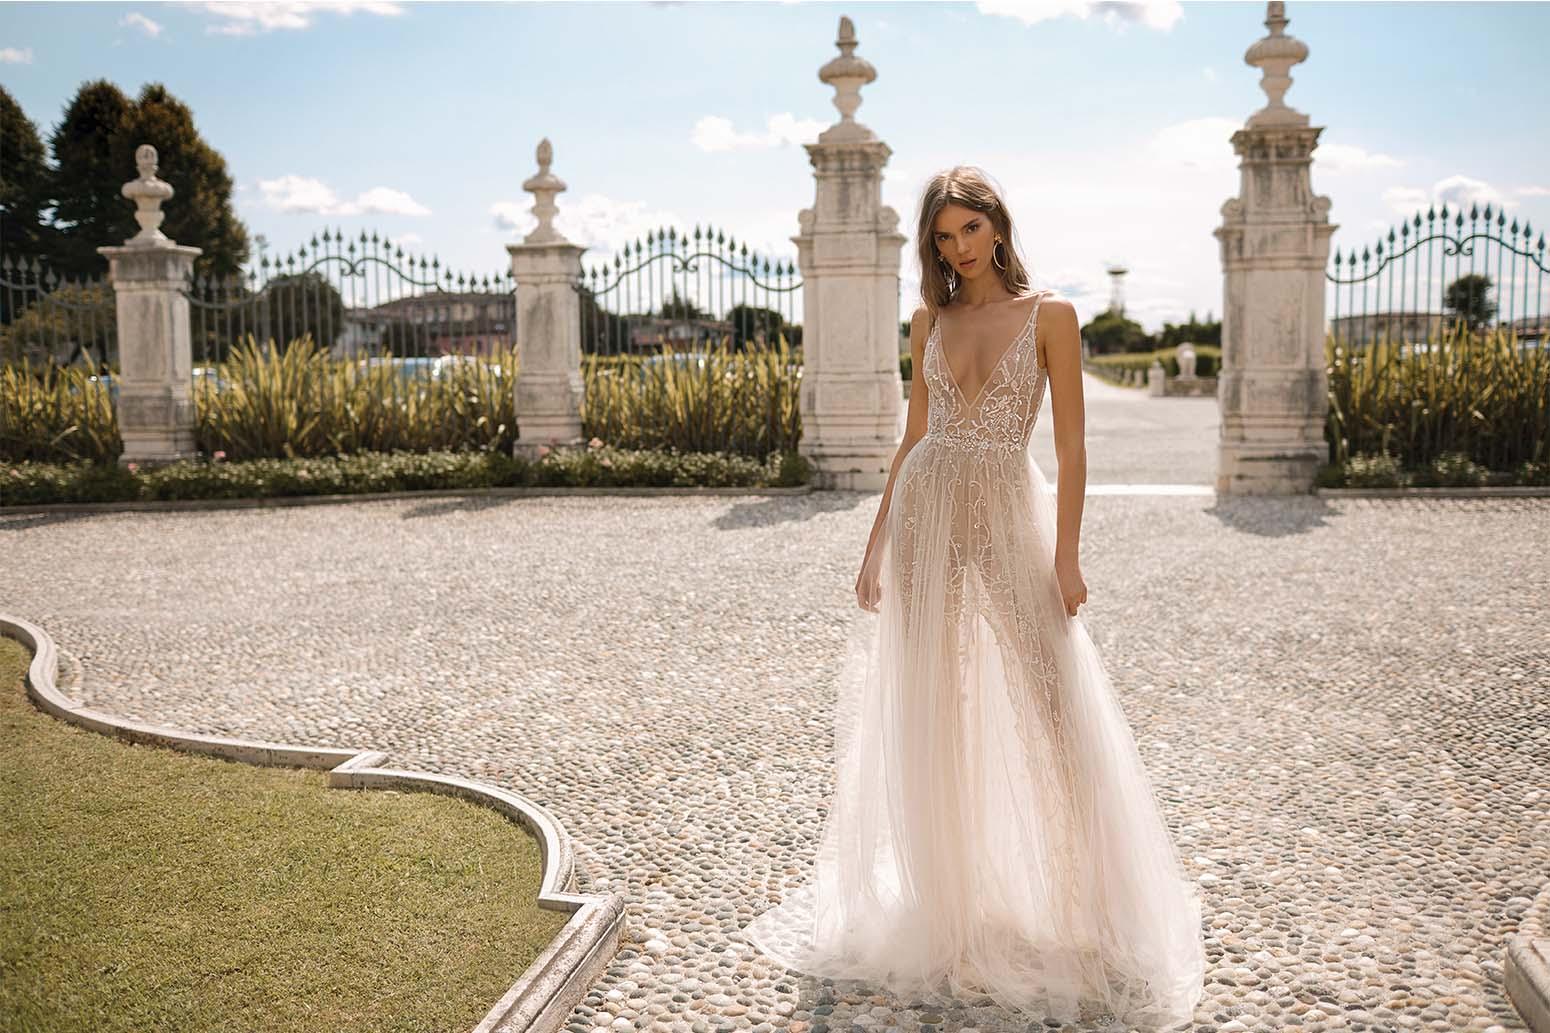 28-abiti-sposa-berta-privee-2020